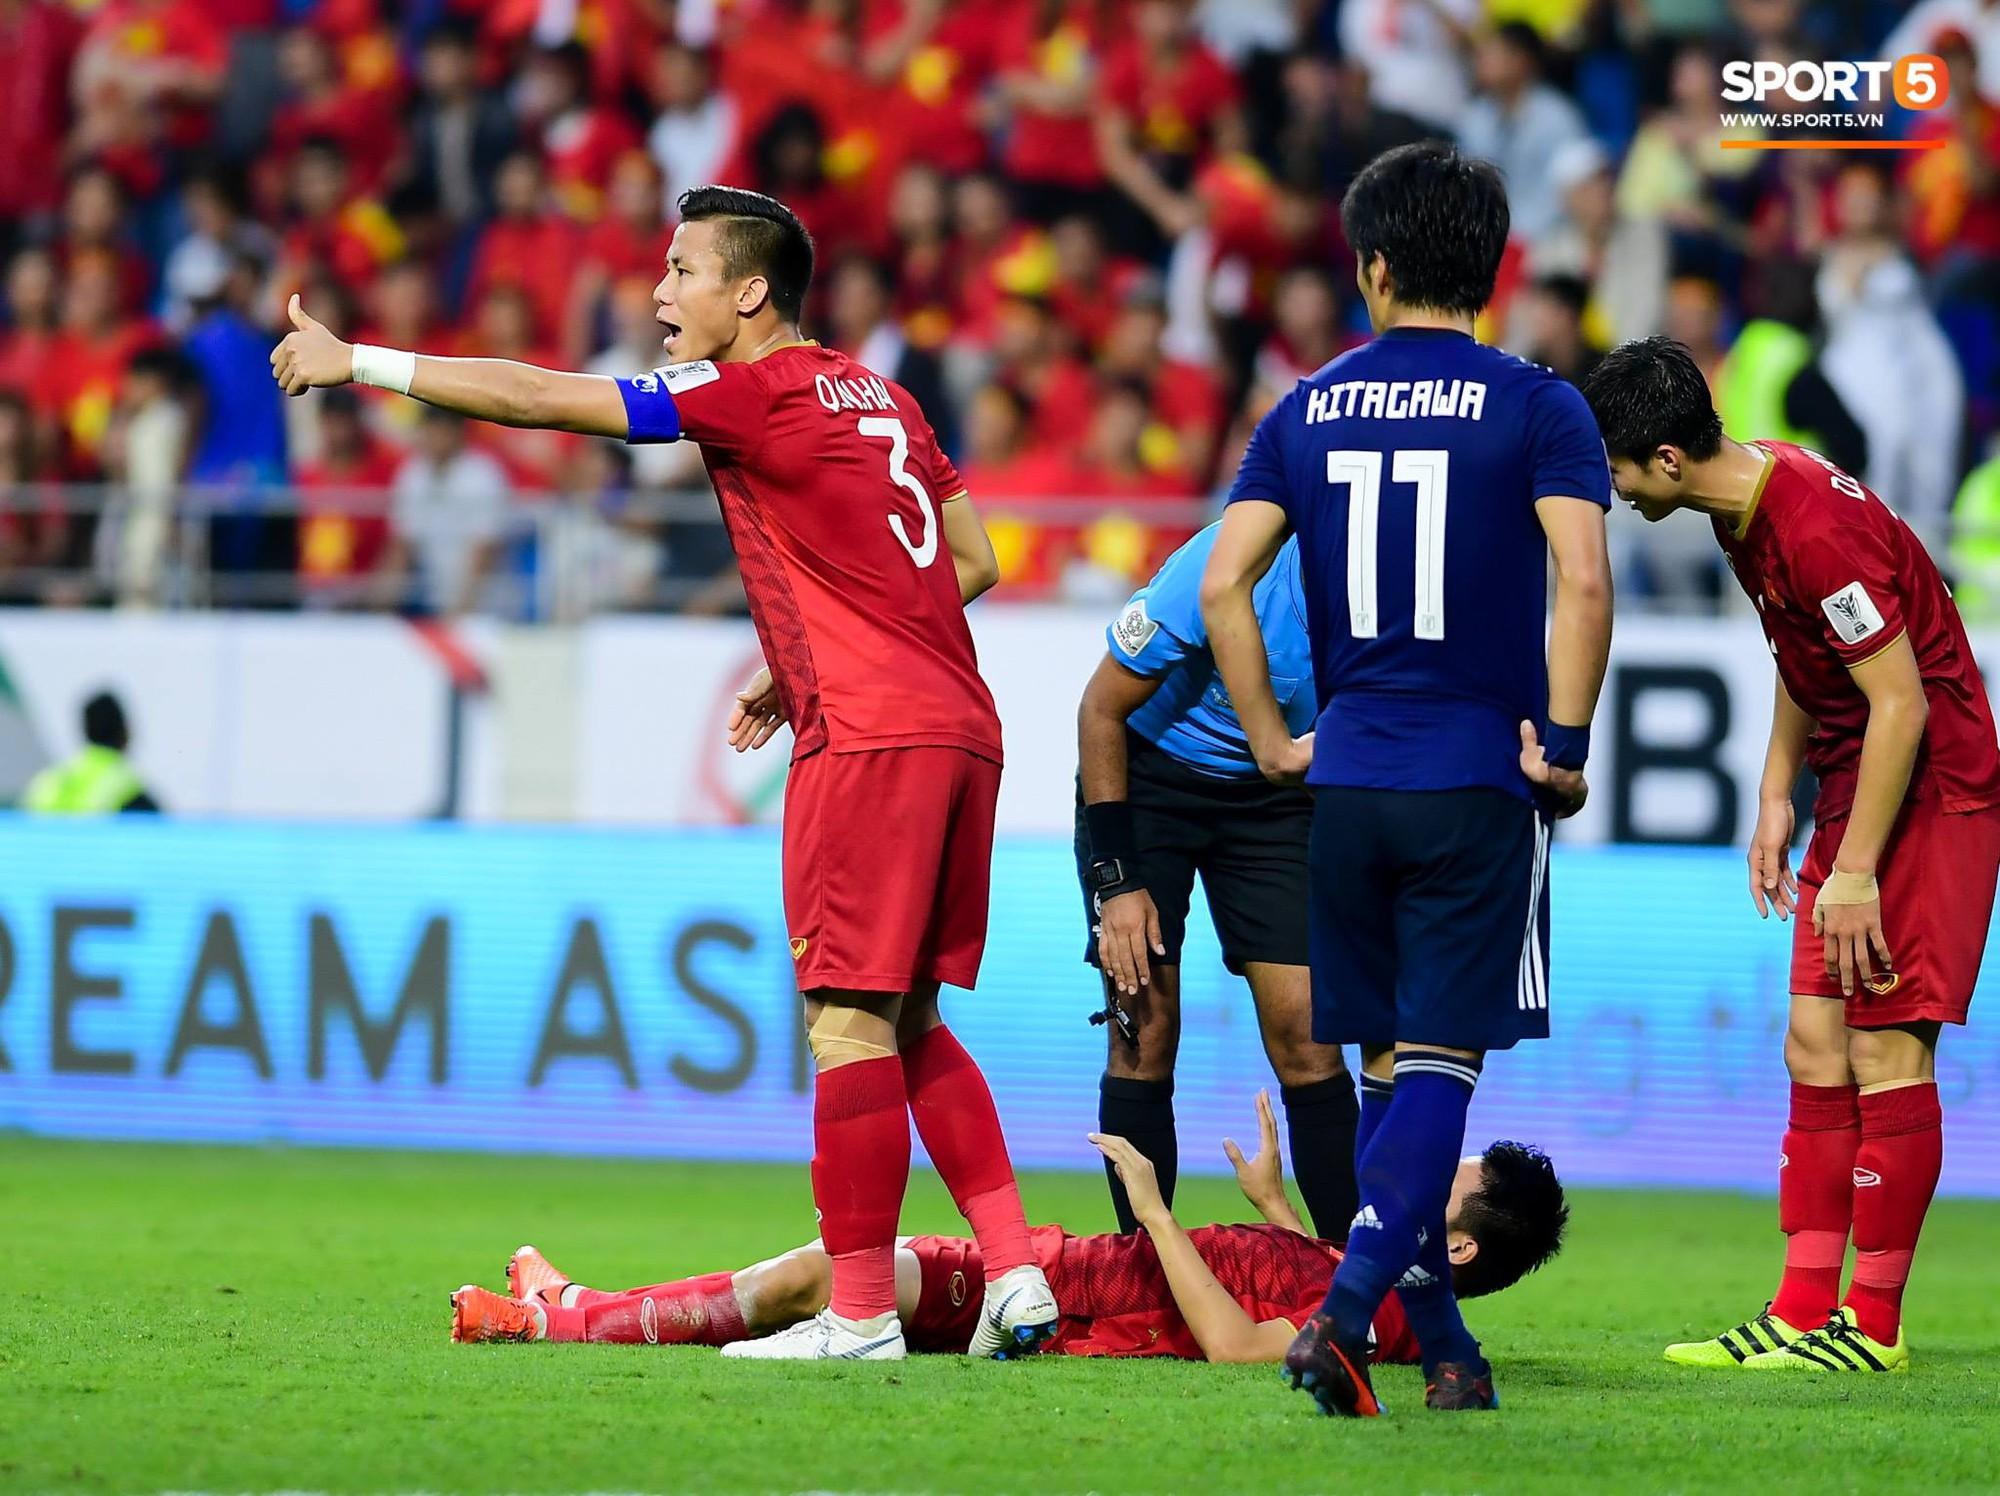 Trong trận đấu, Quế Hải đứng ra bảo vệ các đồng đội khi họ bị chơi xấu hay phạm lỗi. Ảnh: Hiếu Lương.